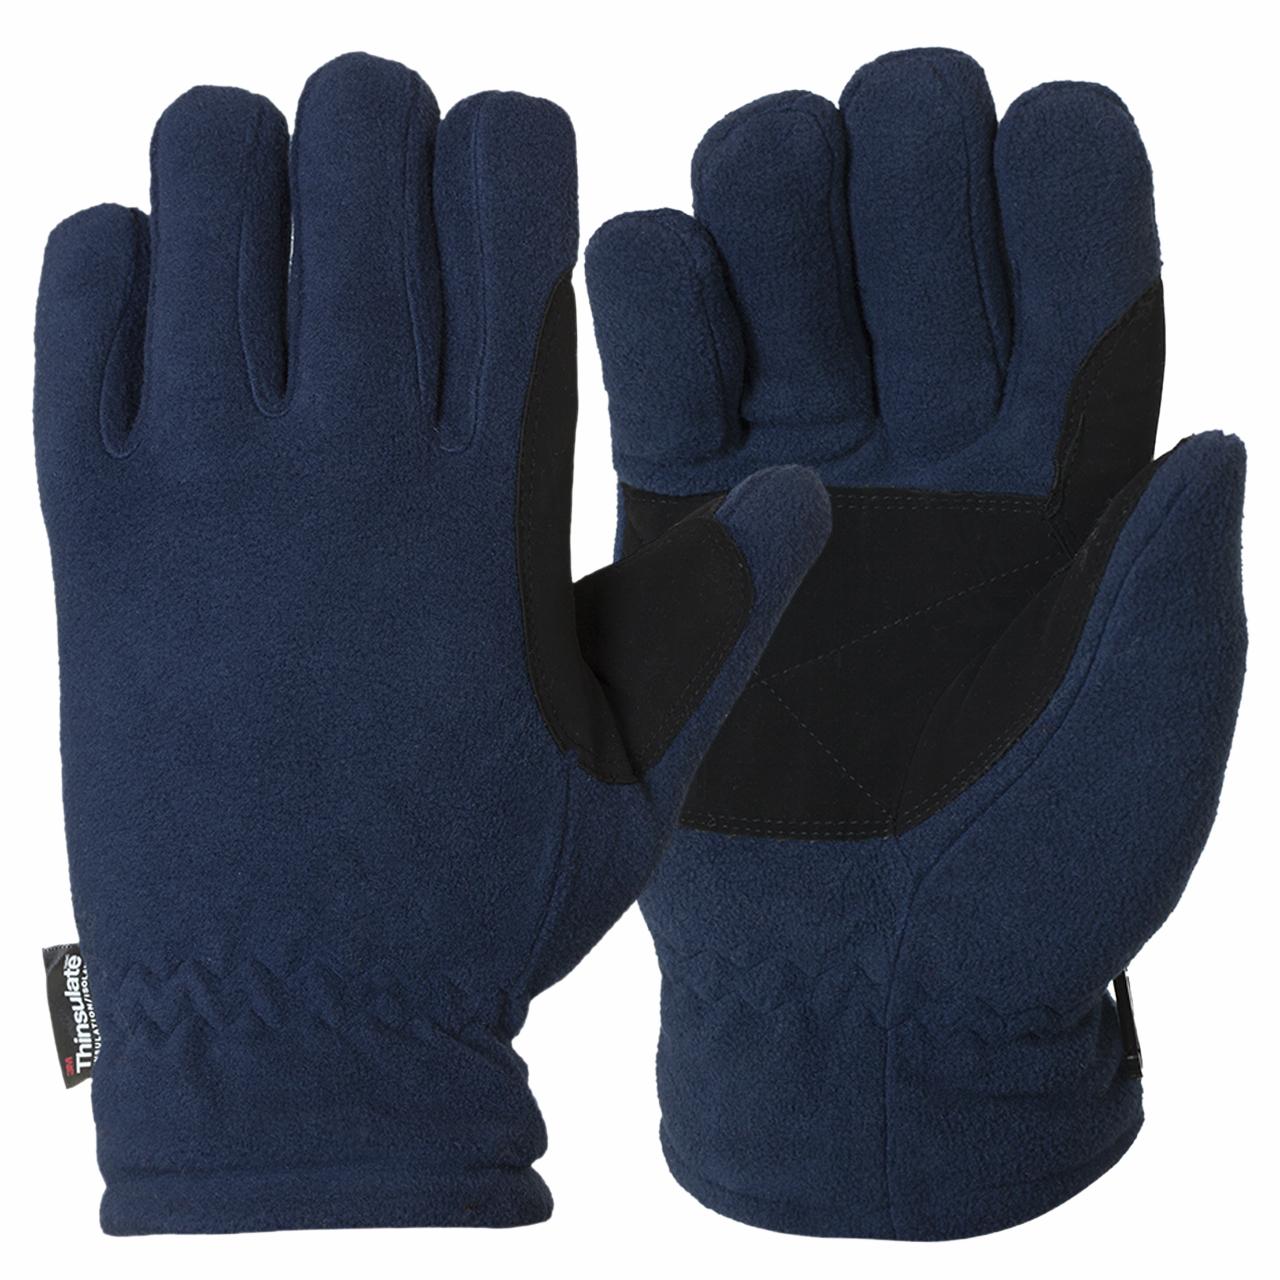 Качественные флисовые перчатки с усиленной ладонью